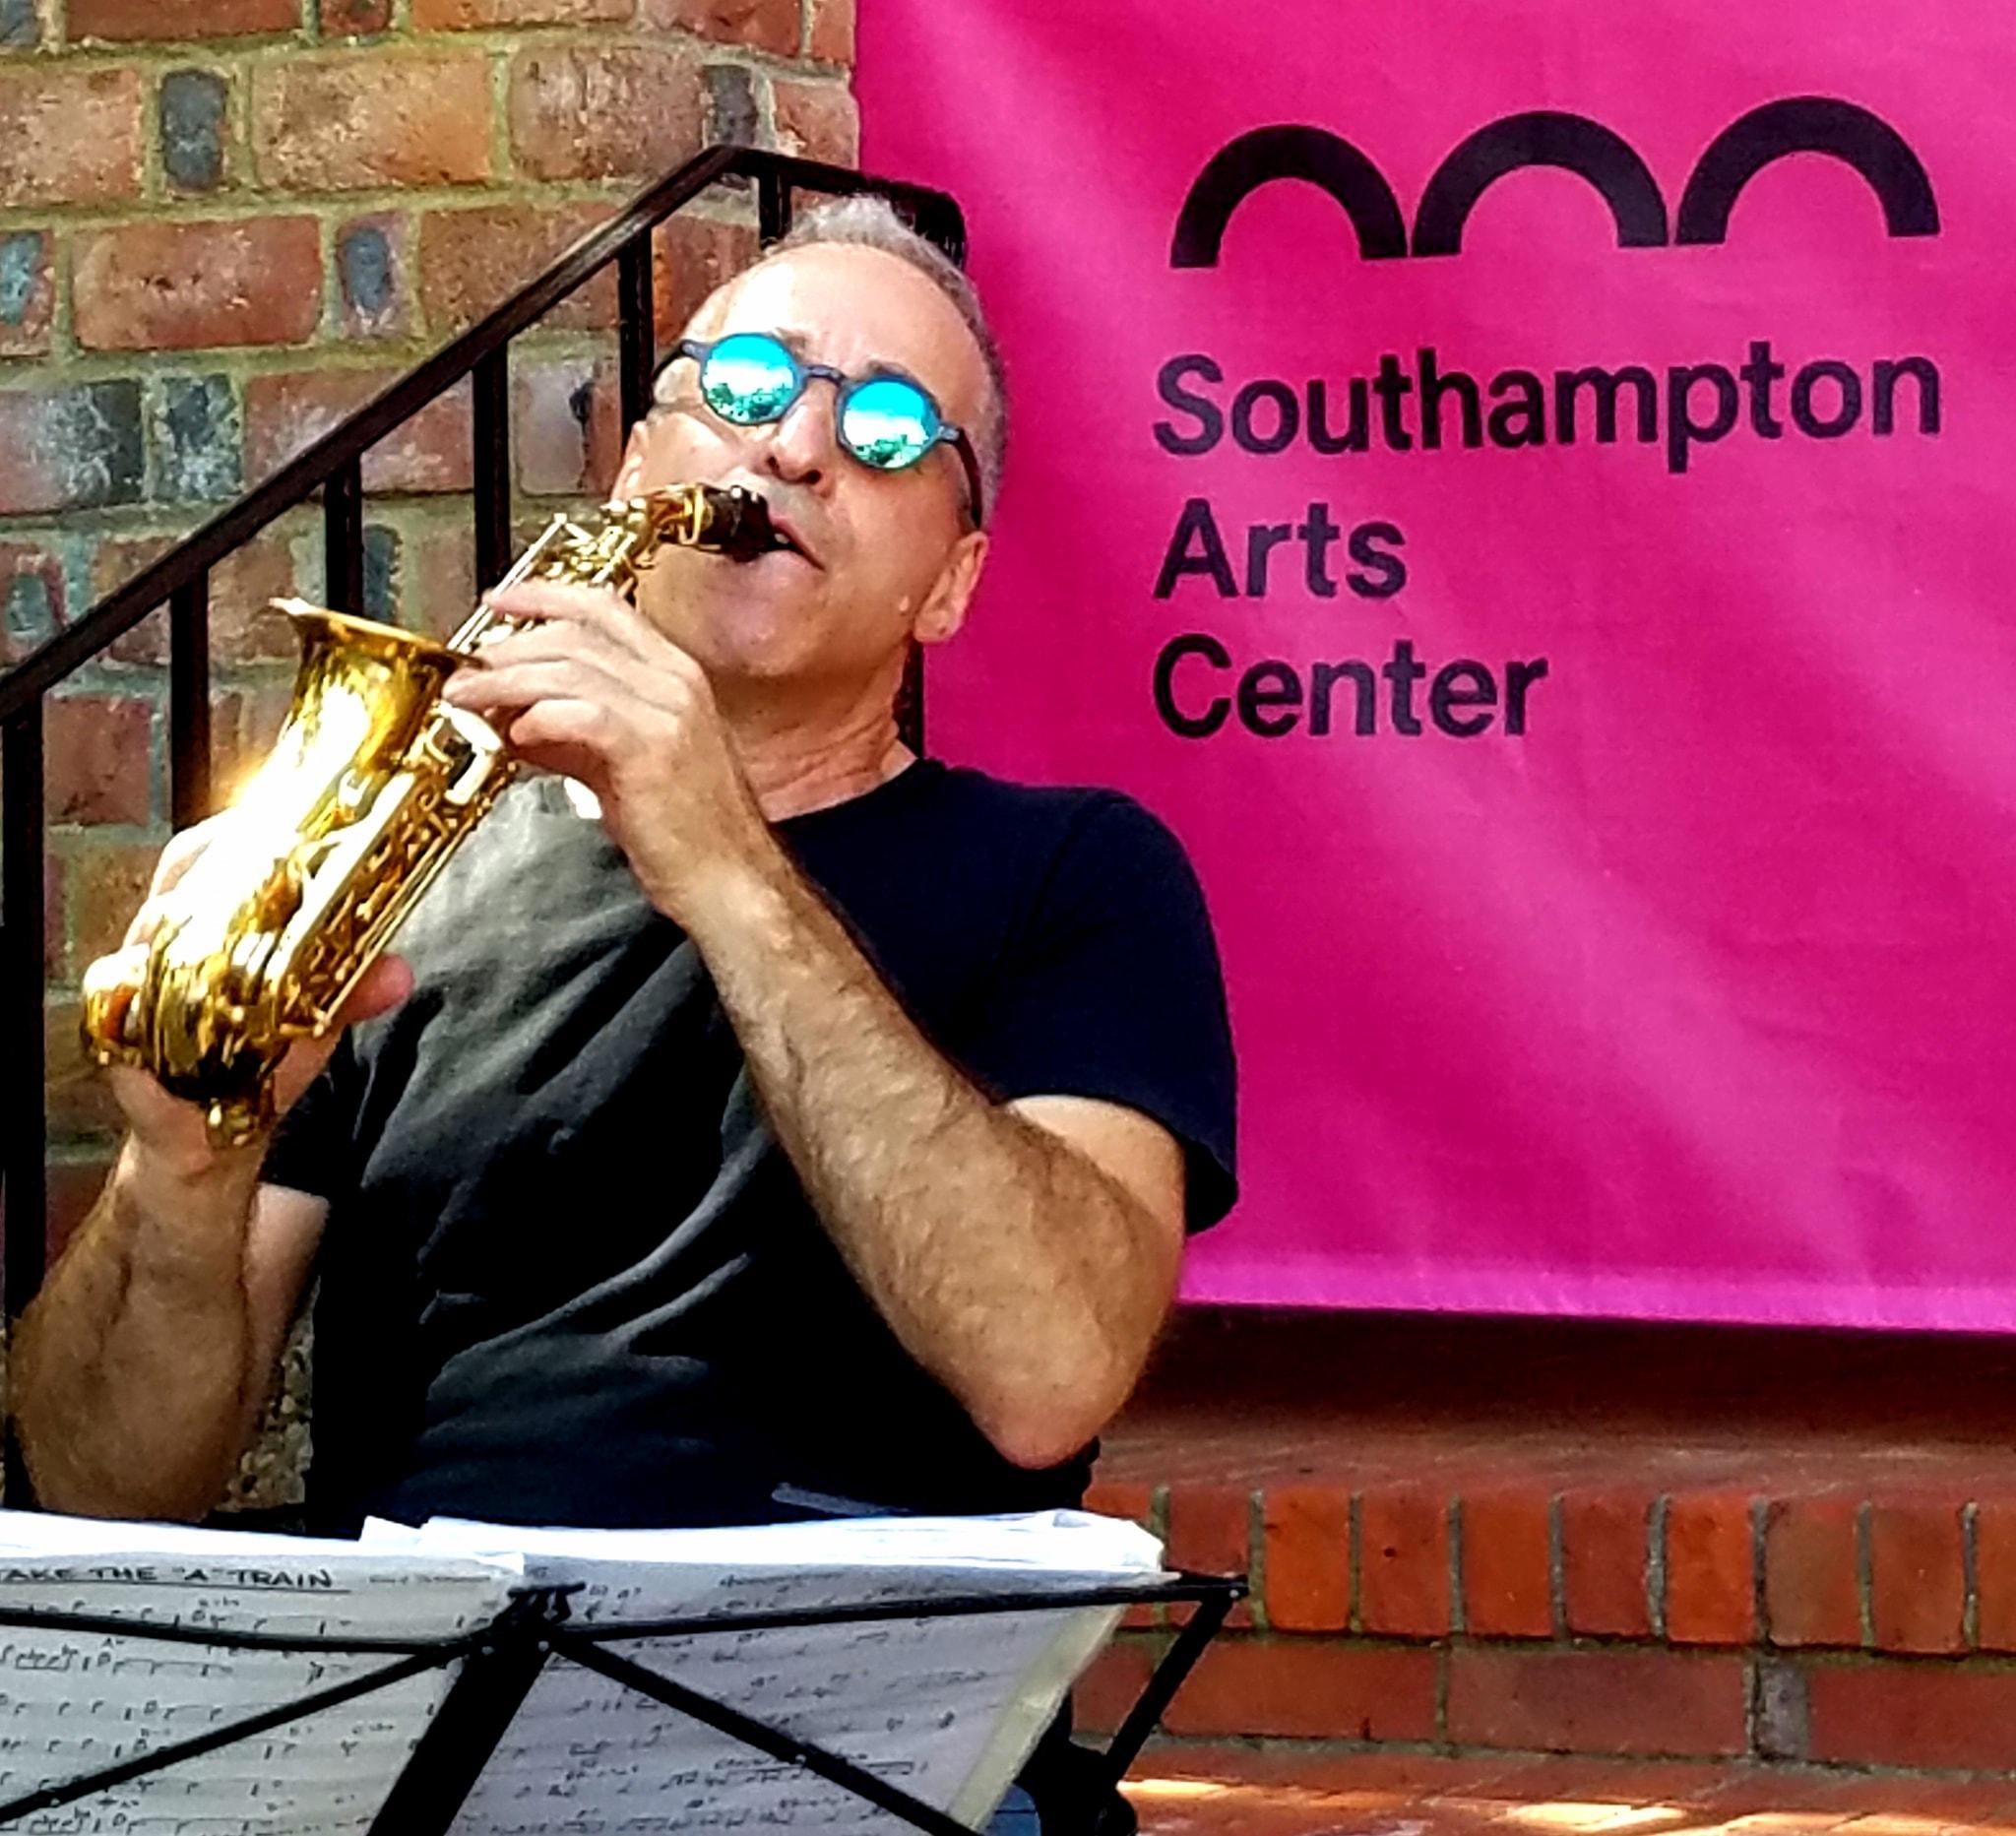 Daniel_Southampton Arts Center.jpg